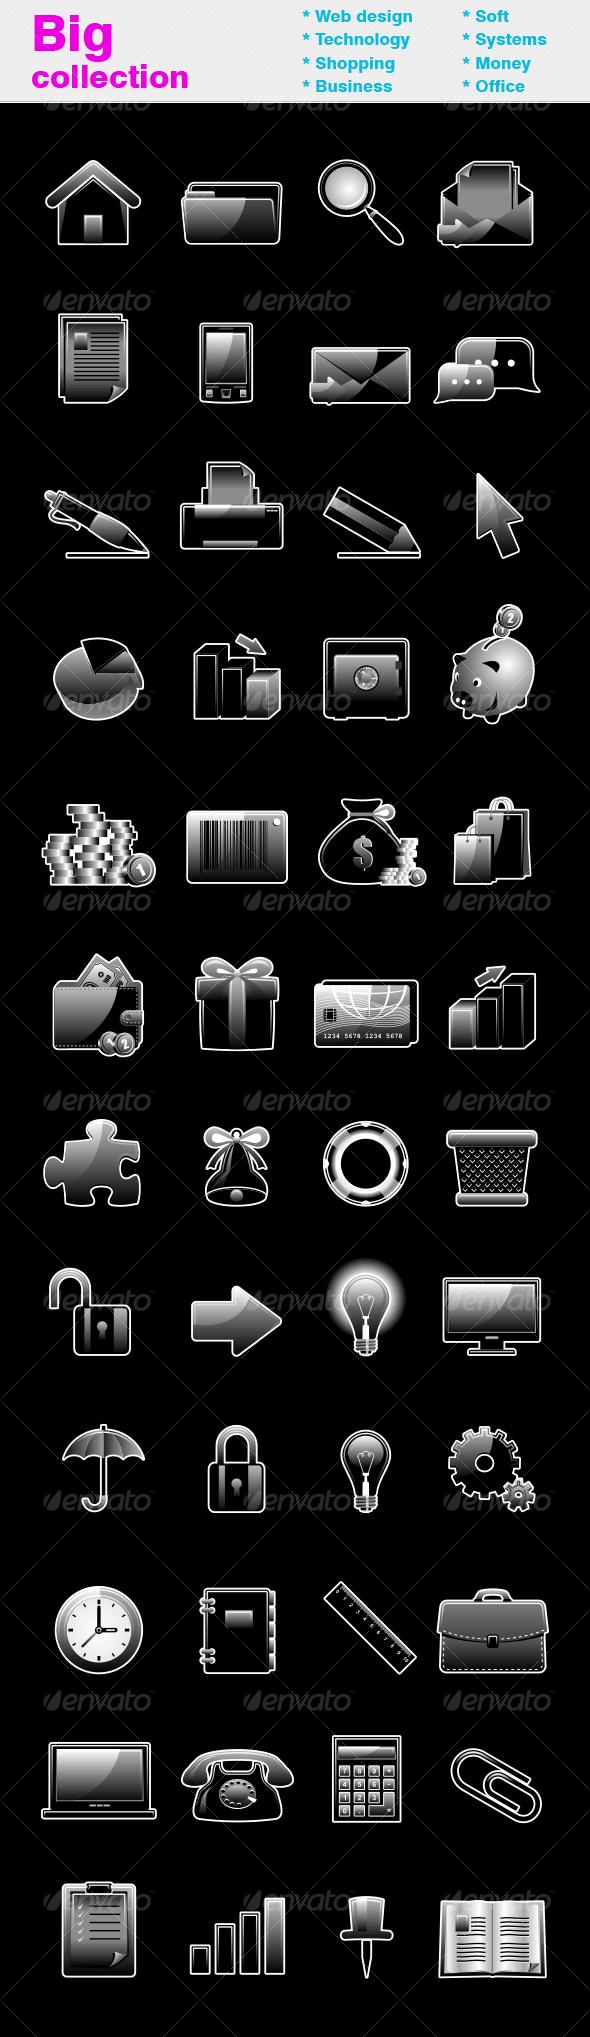 Black glossy icon set - Web Icons